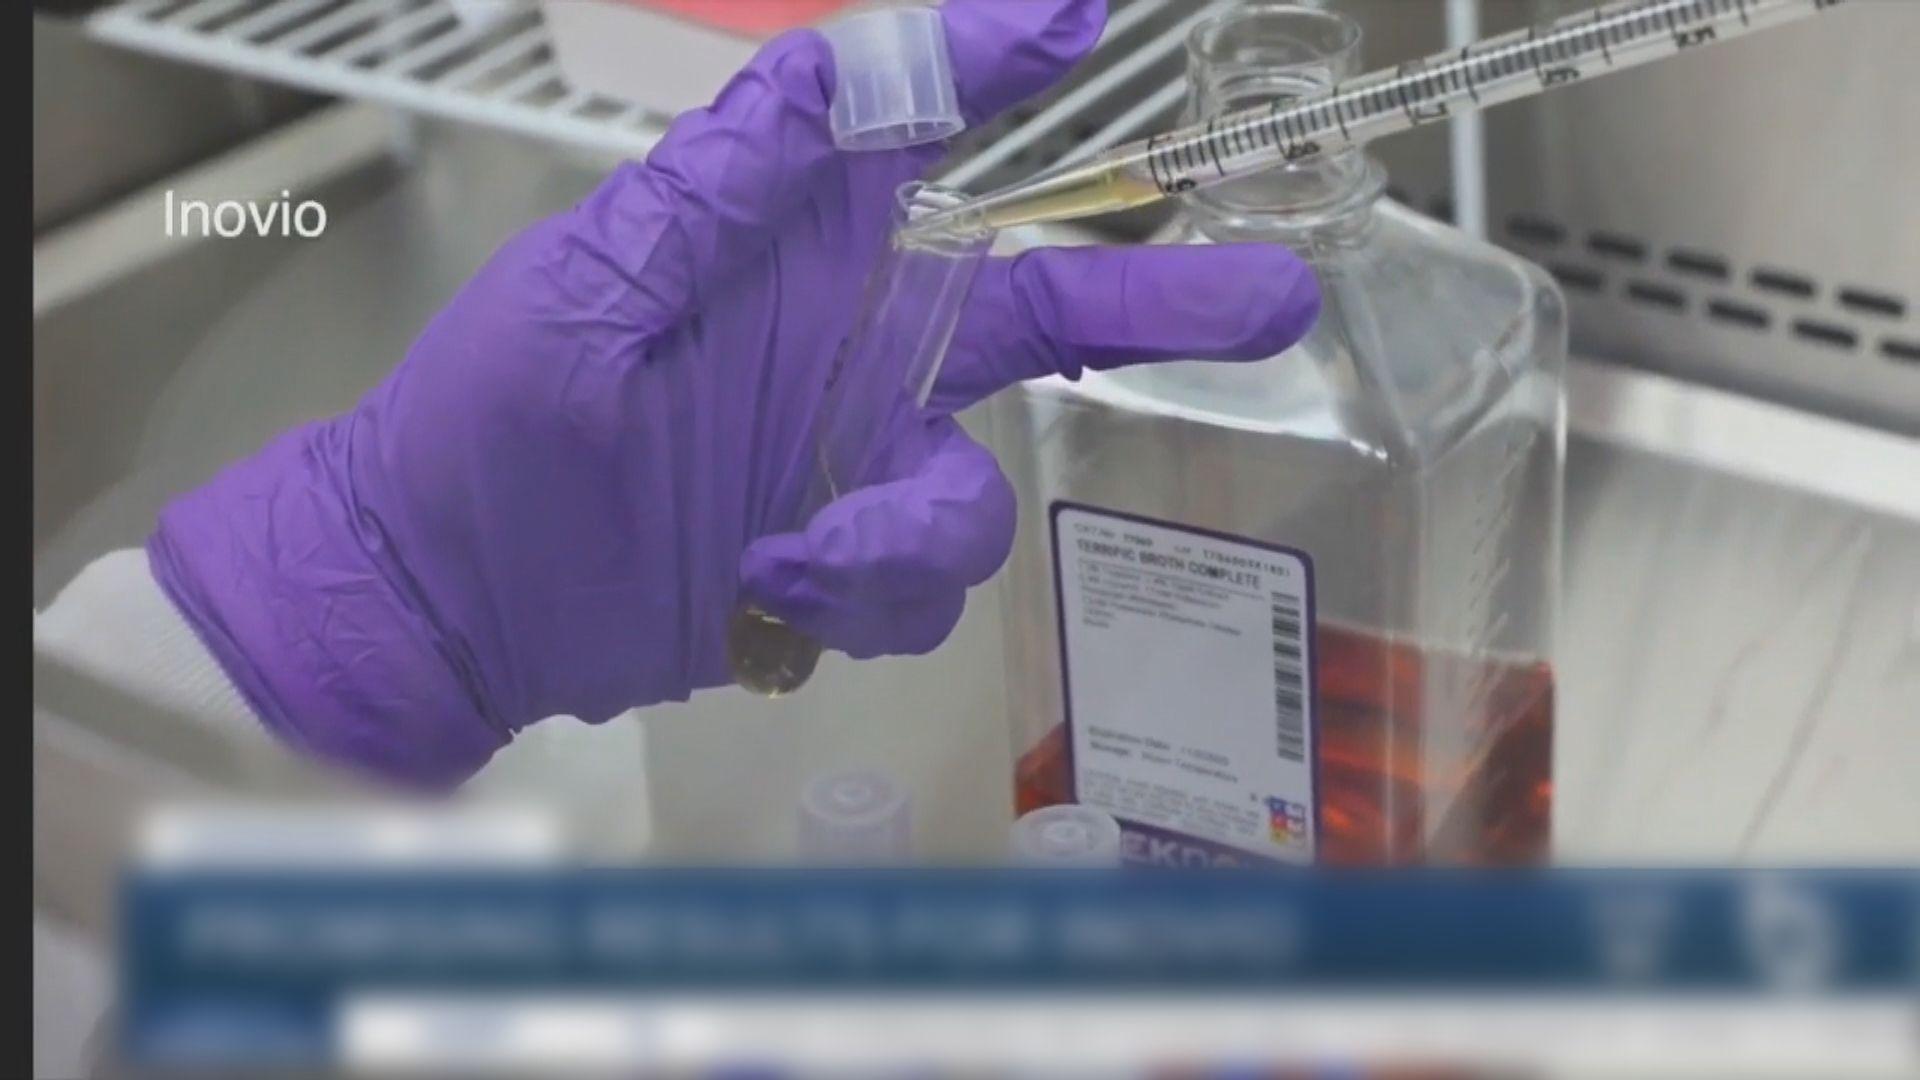 中美有公司合作研發新冠DNA疫苗 保質期可達五年